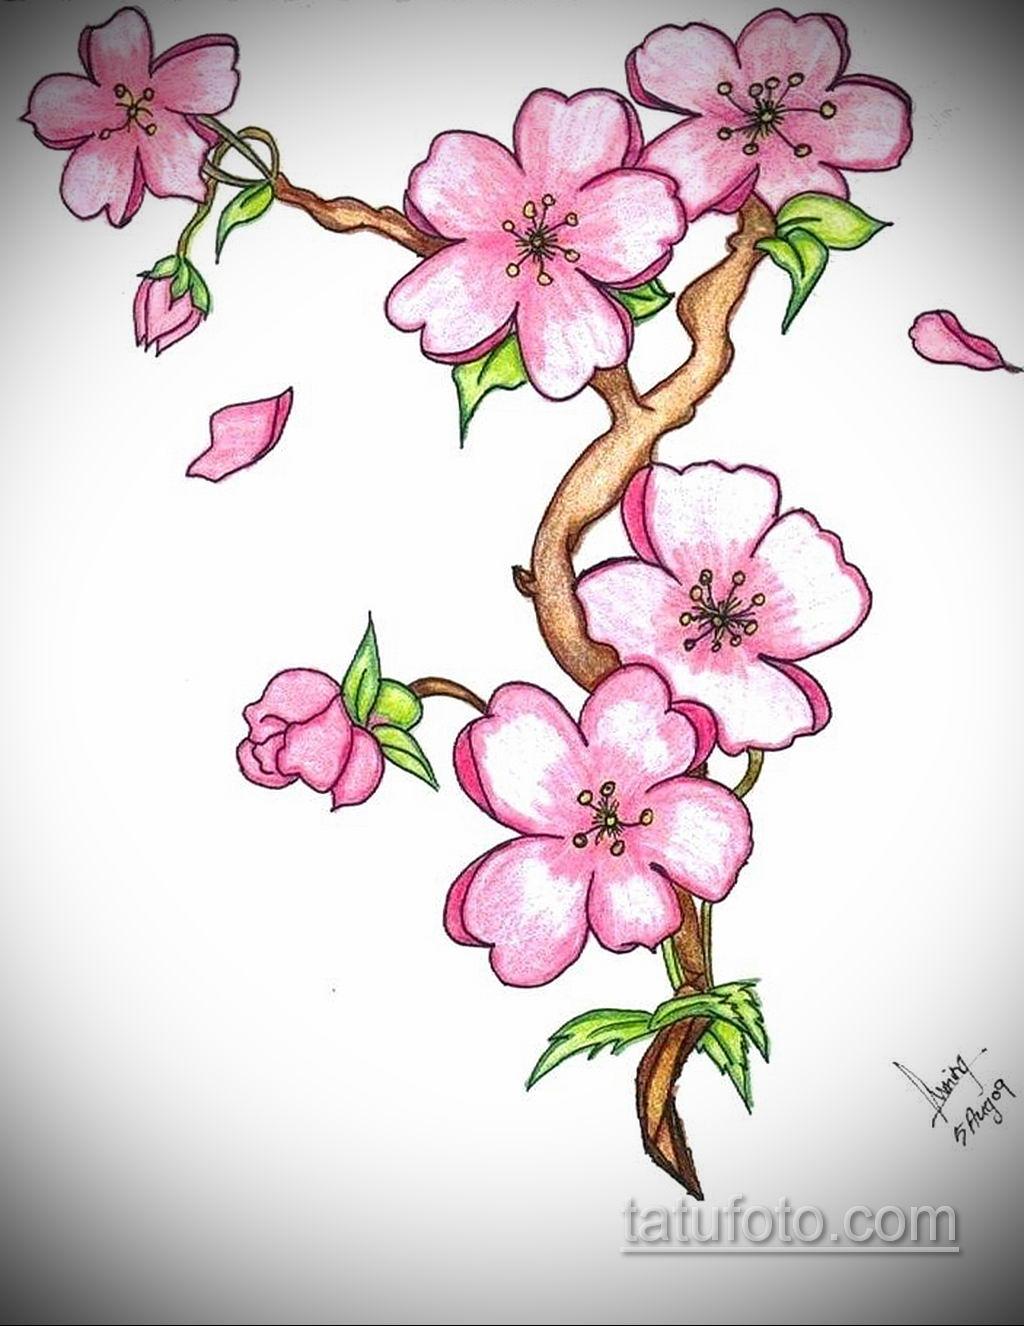 drawings of flowers - HD820×1061